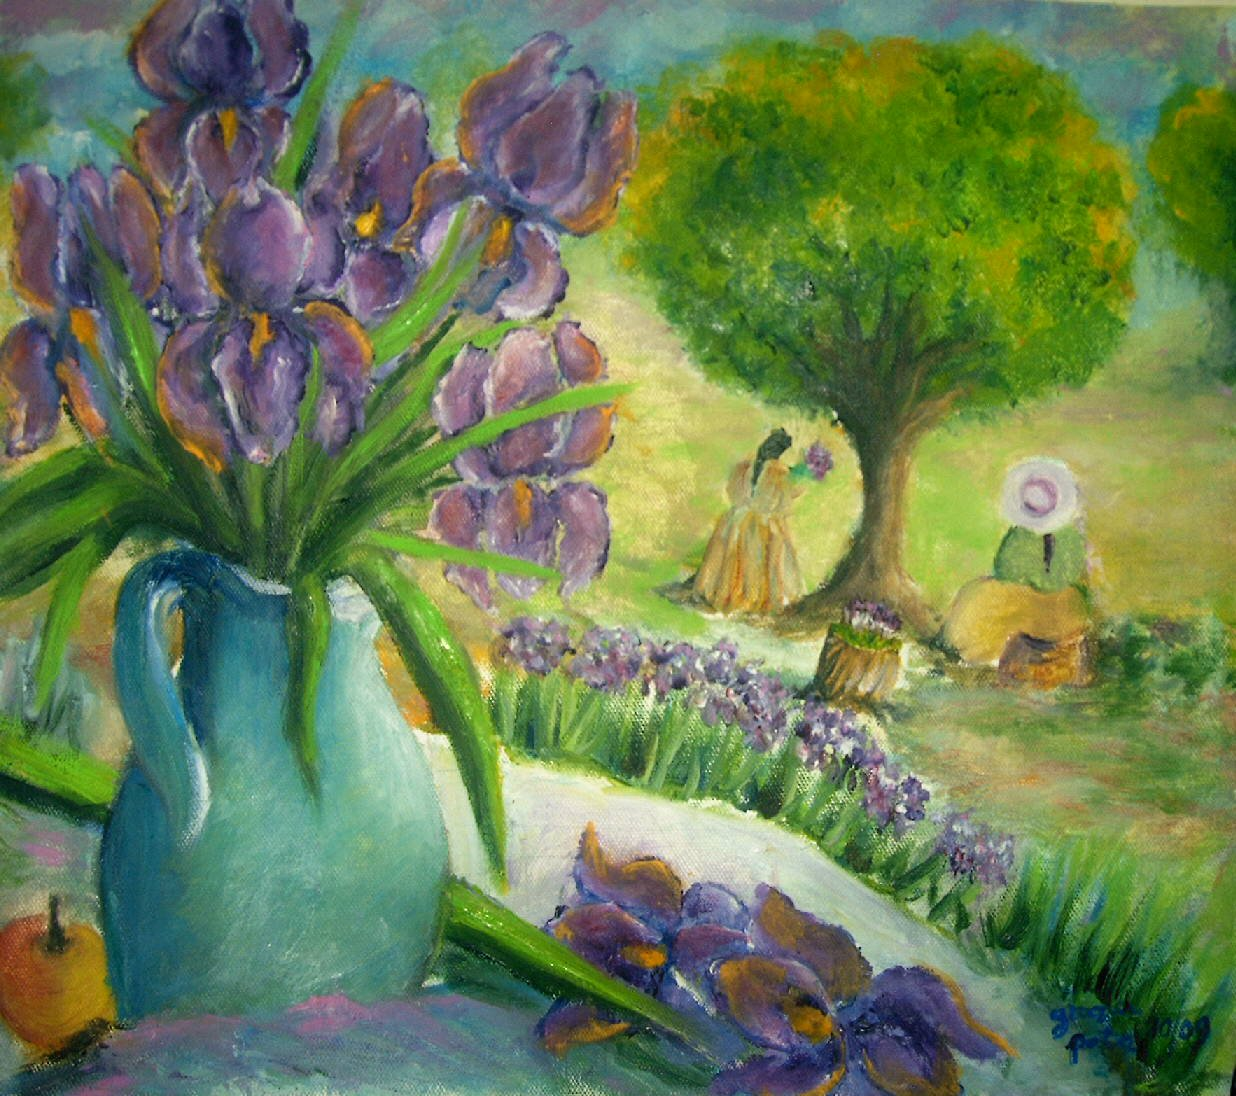 Quadri a olio lisboantigua pagina 2 for Quadri fiori olio